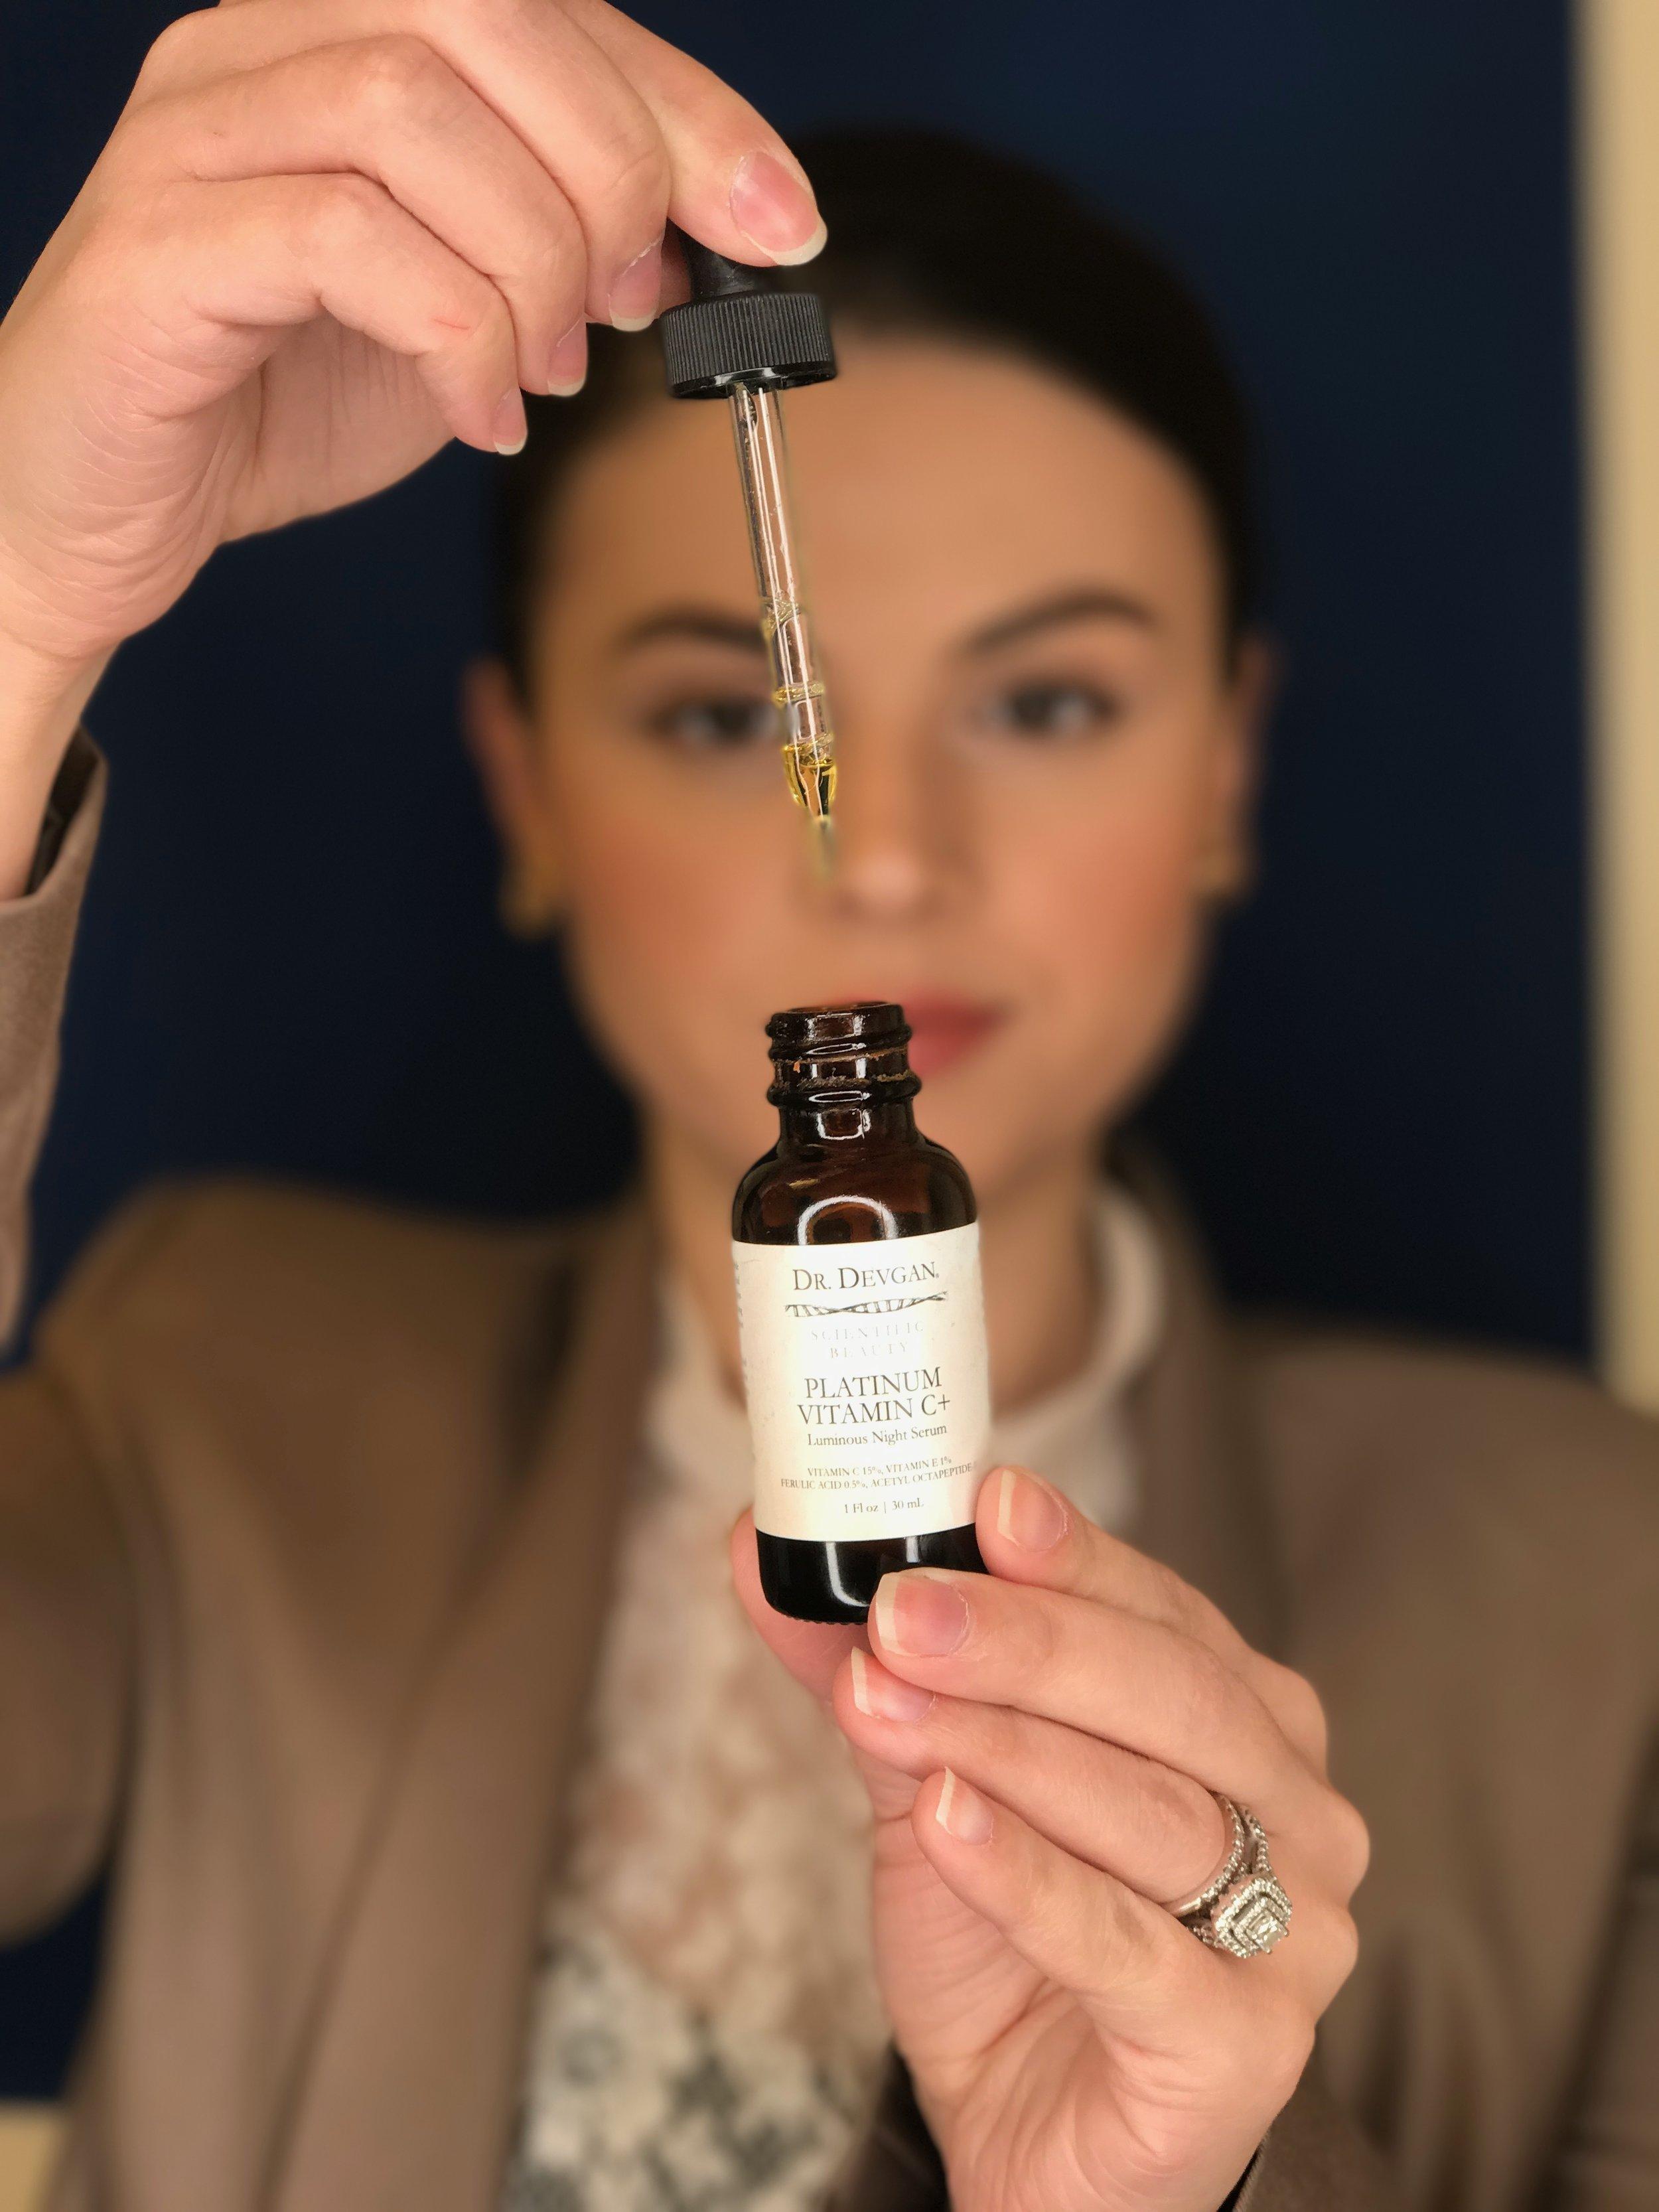 Scientific Beauty's Platinum Vitamin C+ Luminous Night Serum